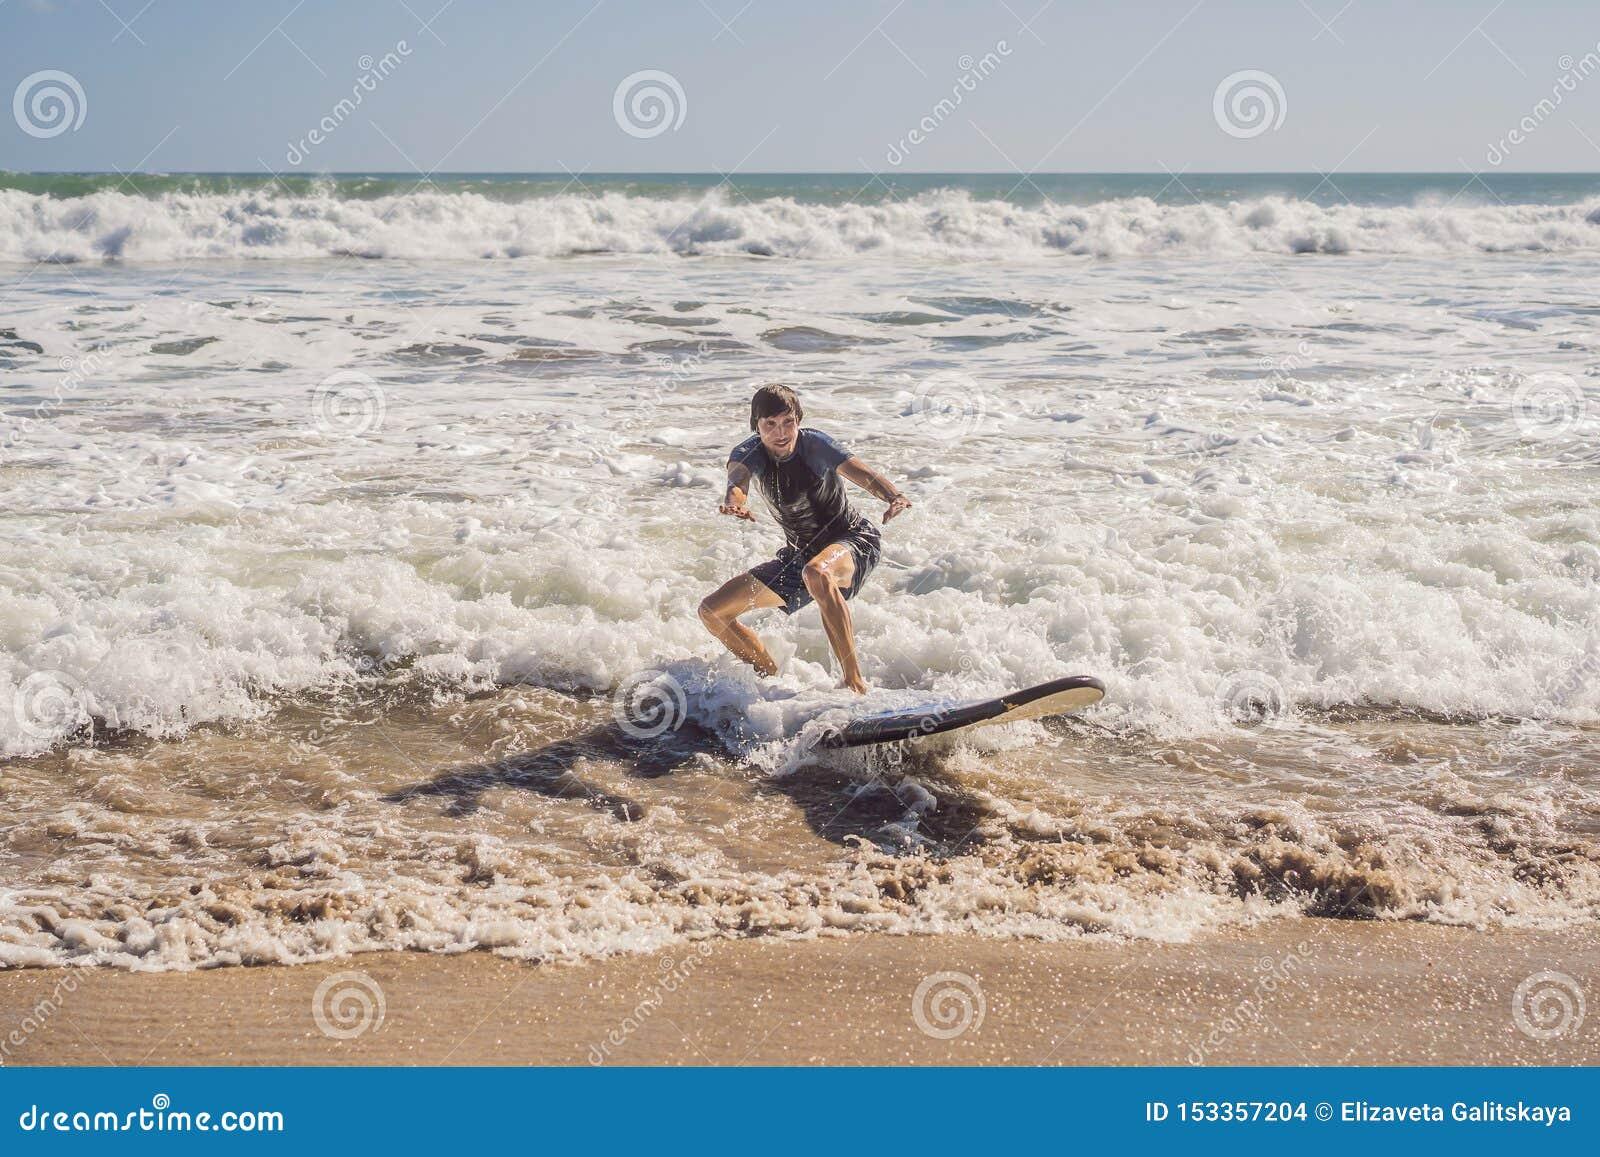 Surfer mit seinem Surfbrett, das zu den Wellen läuft